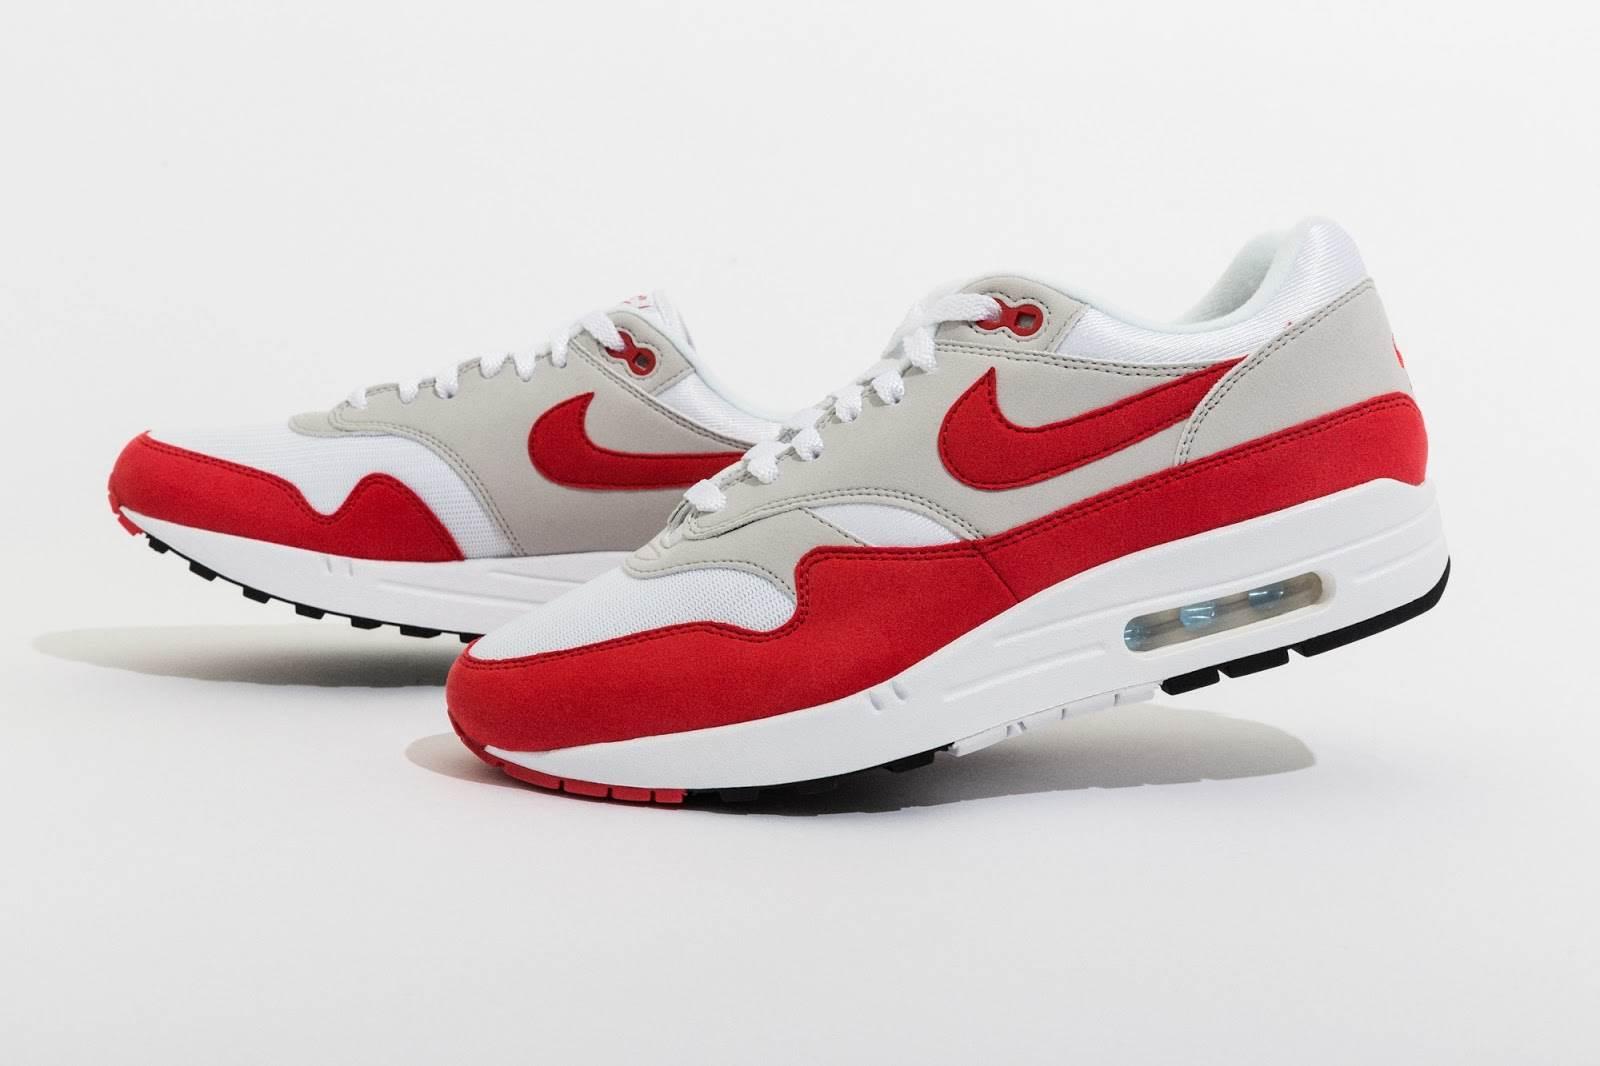 c7c12397 Топ 10 самых узнаваемых моделей кроссовок Nike Air Max